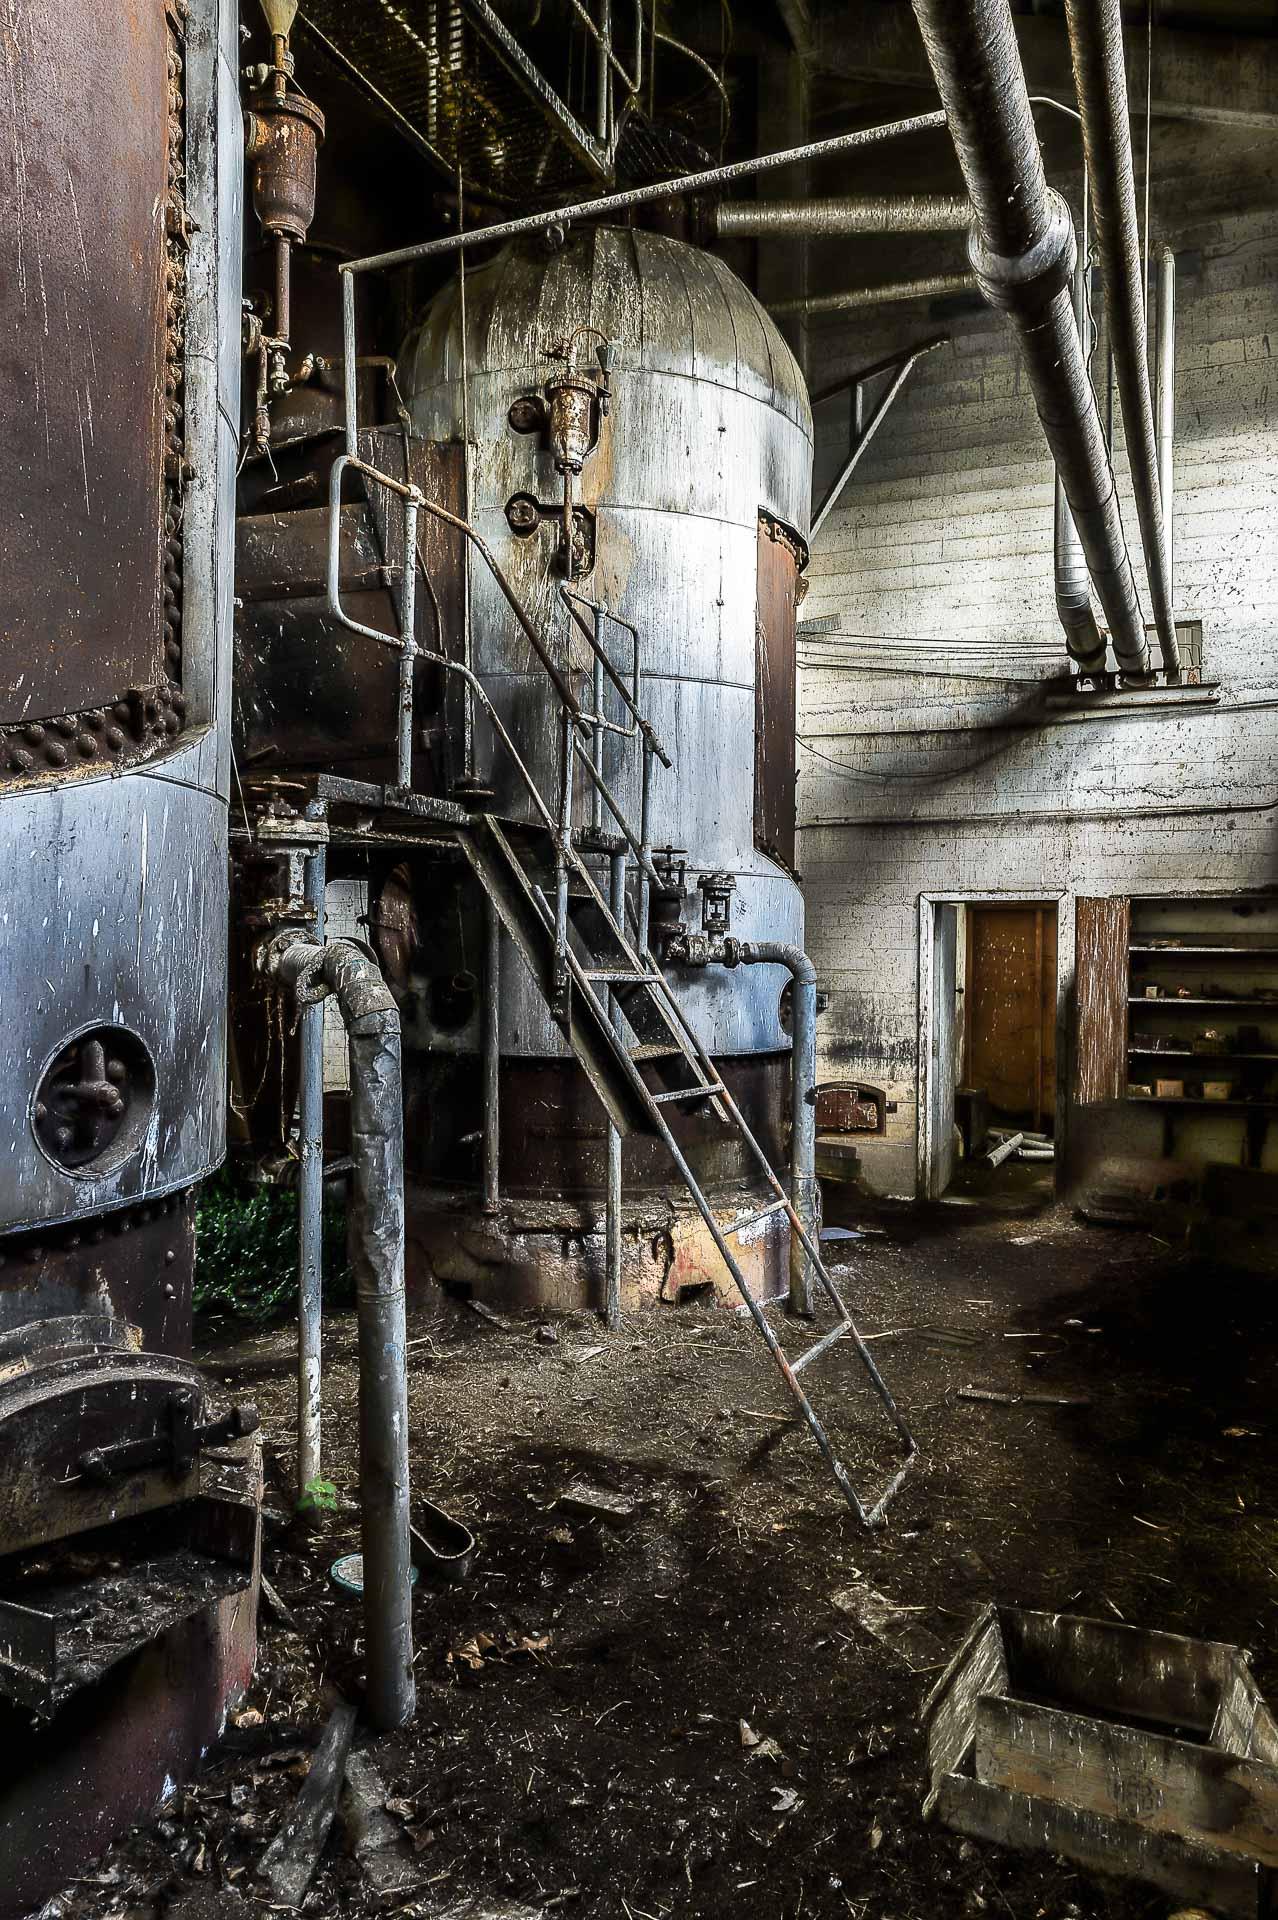 inside-the-boiler-house.jpg